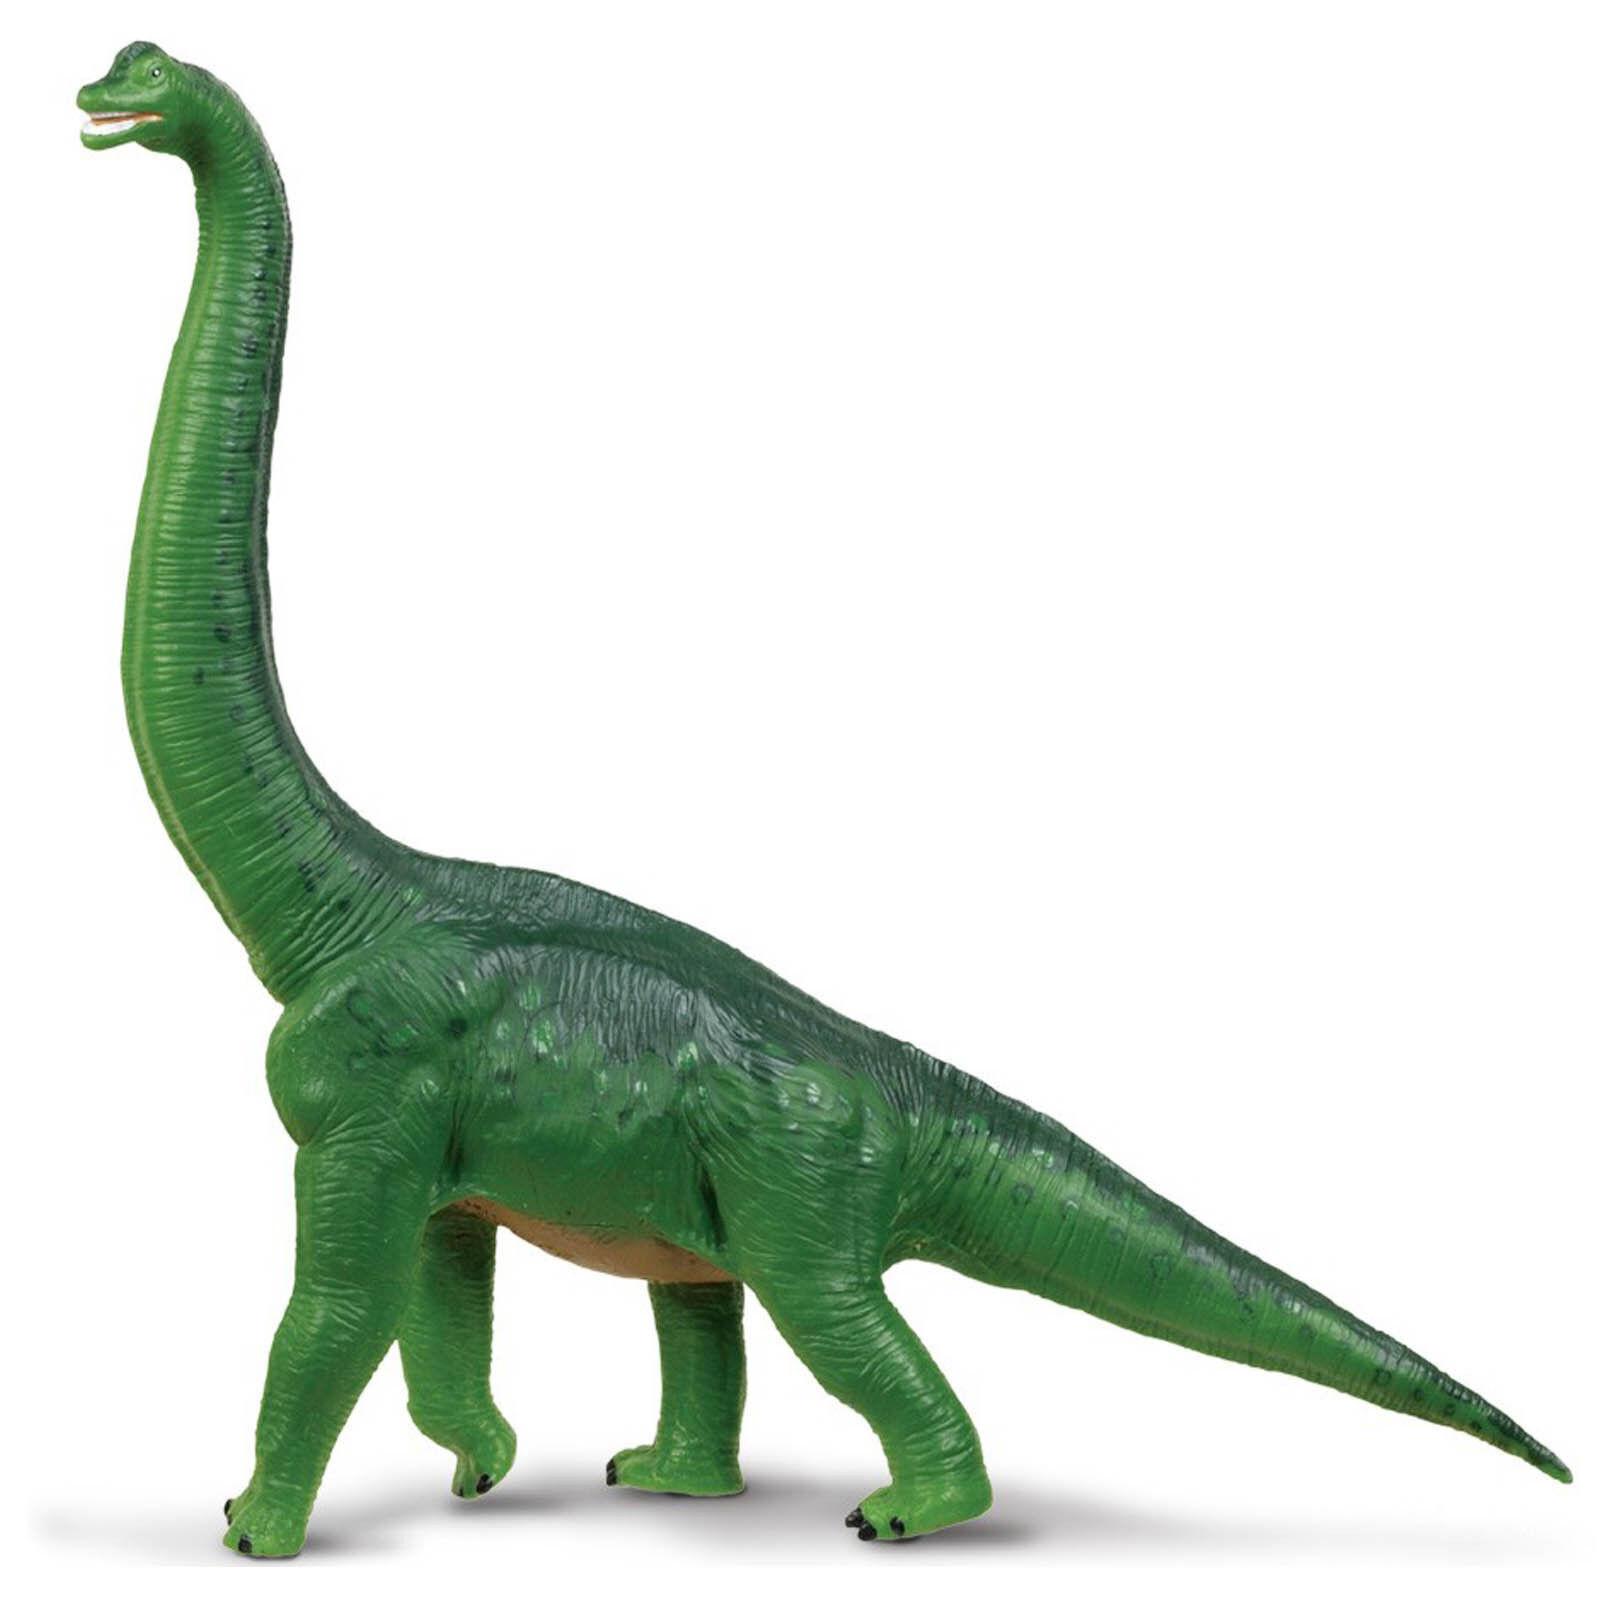 брахиозавр картинка на белом фоне разворачивается